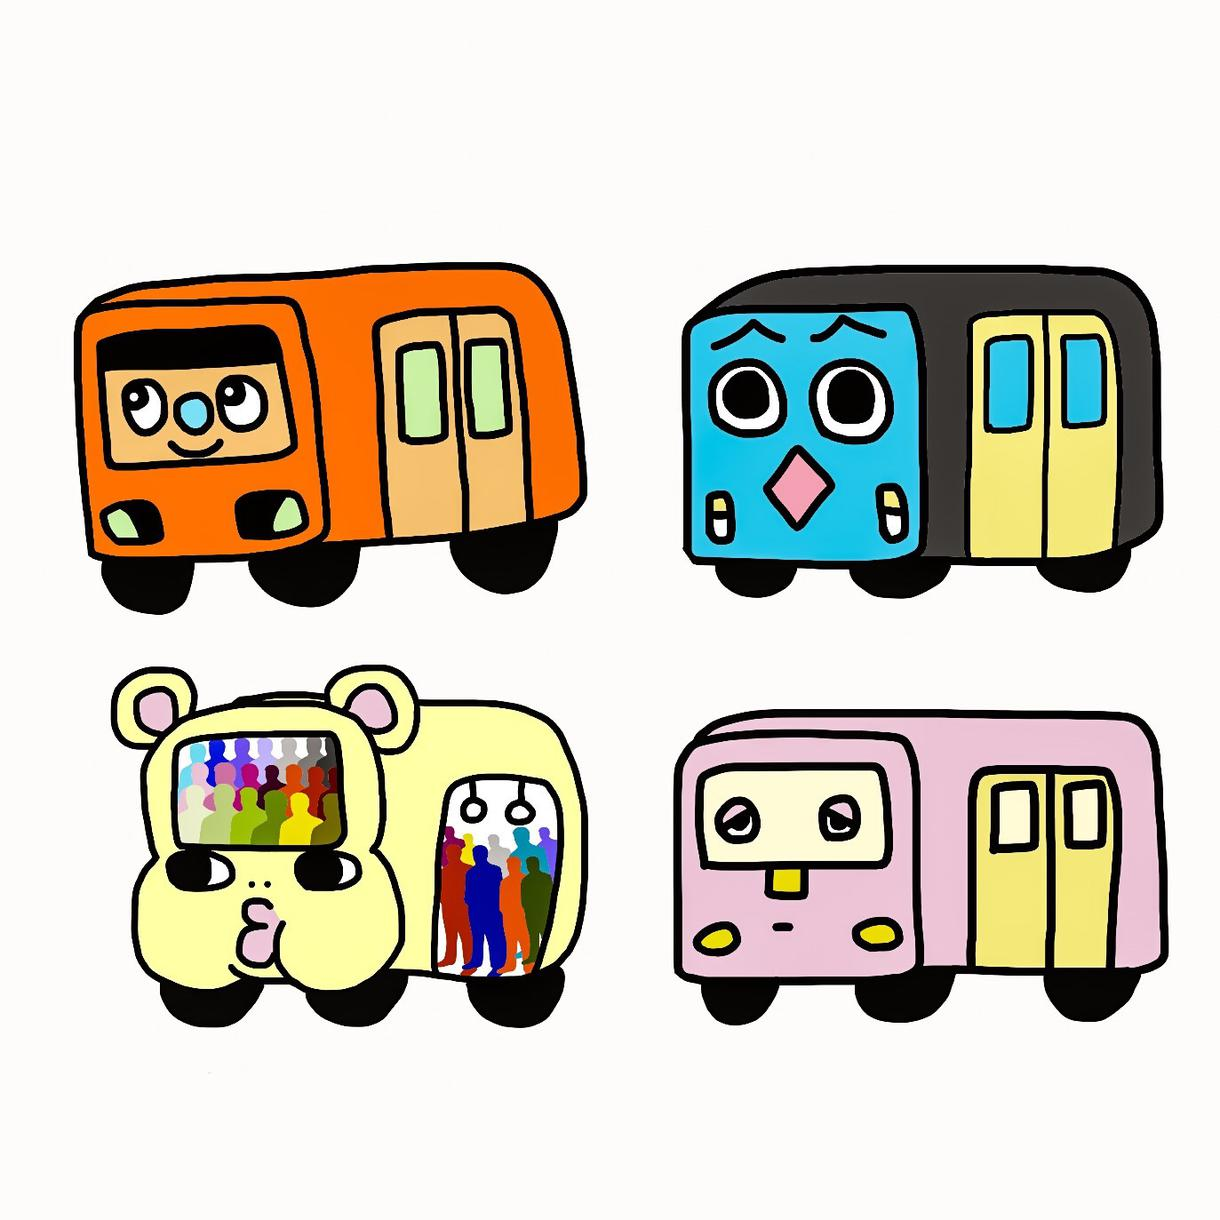 あなただけのゆるい電車作ります 電車のキャラクターを作りたい方にオススメ!